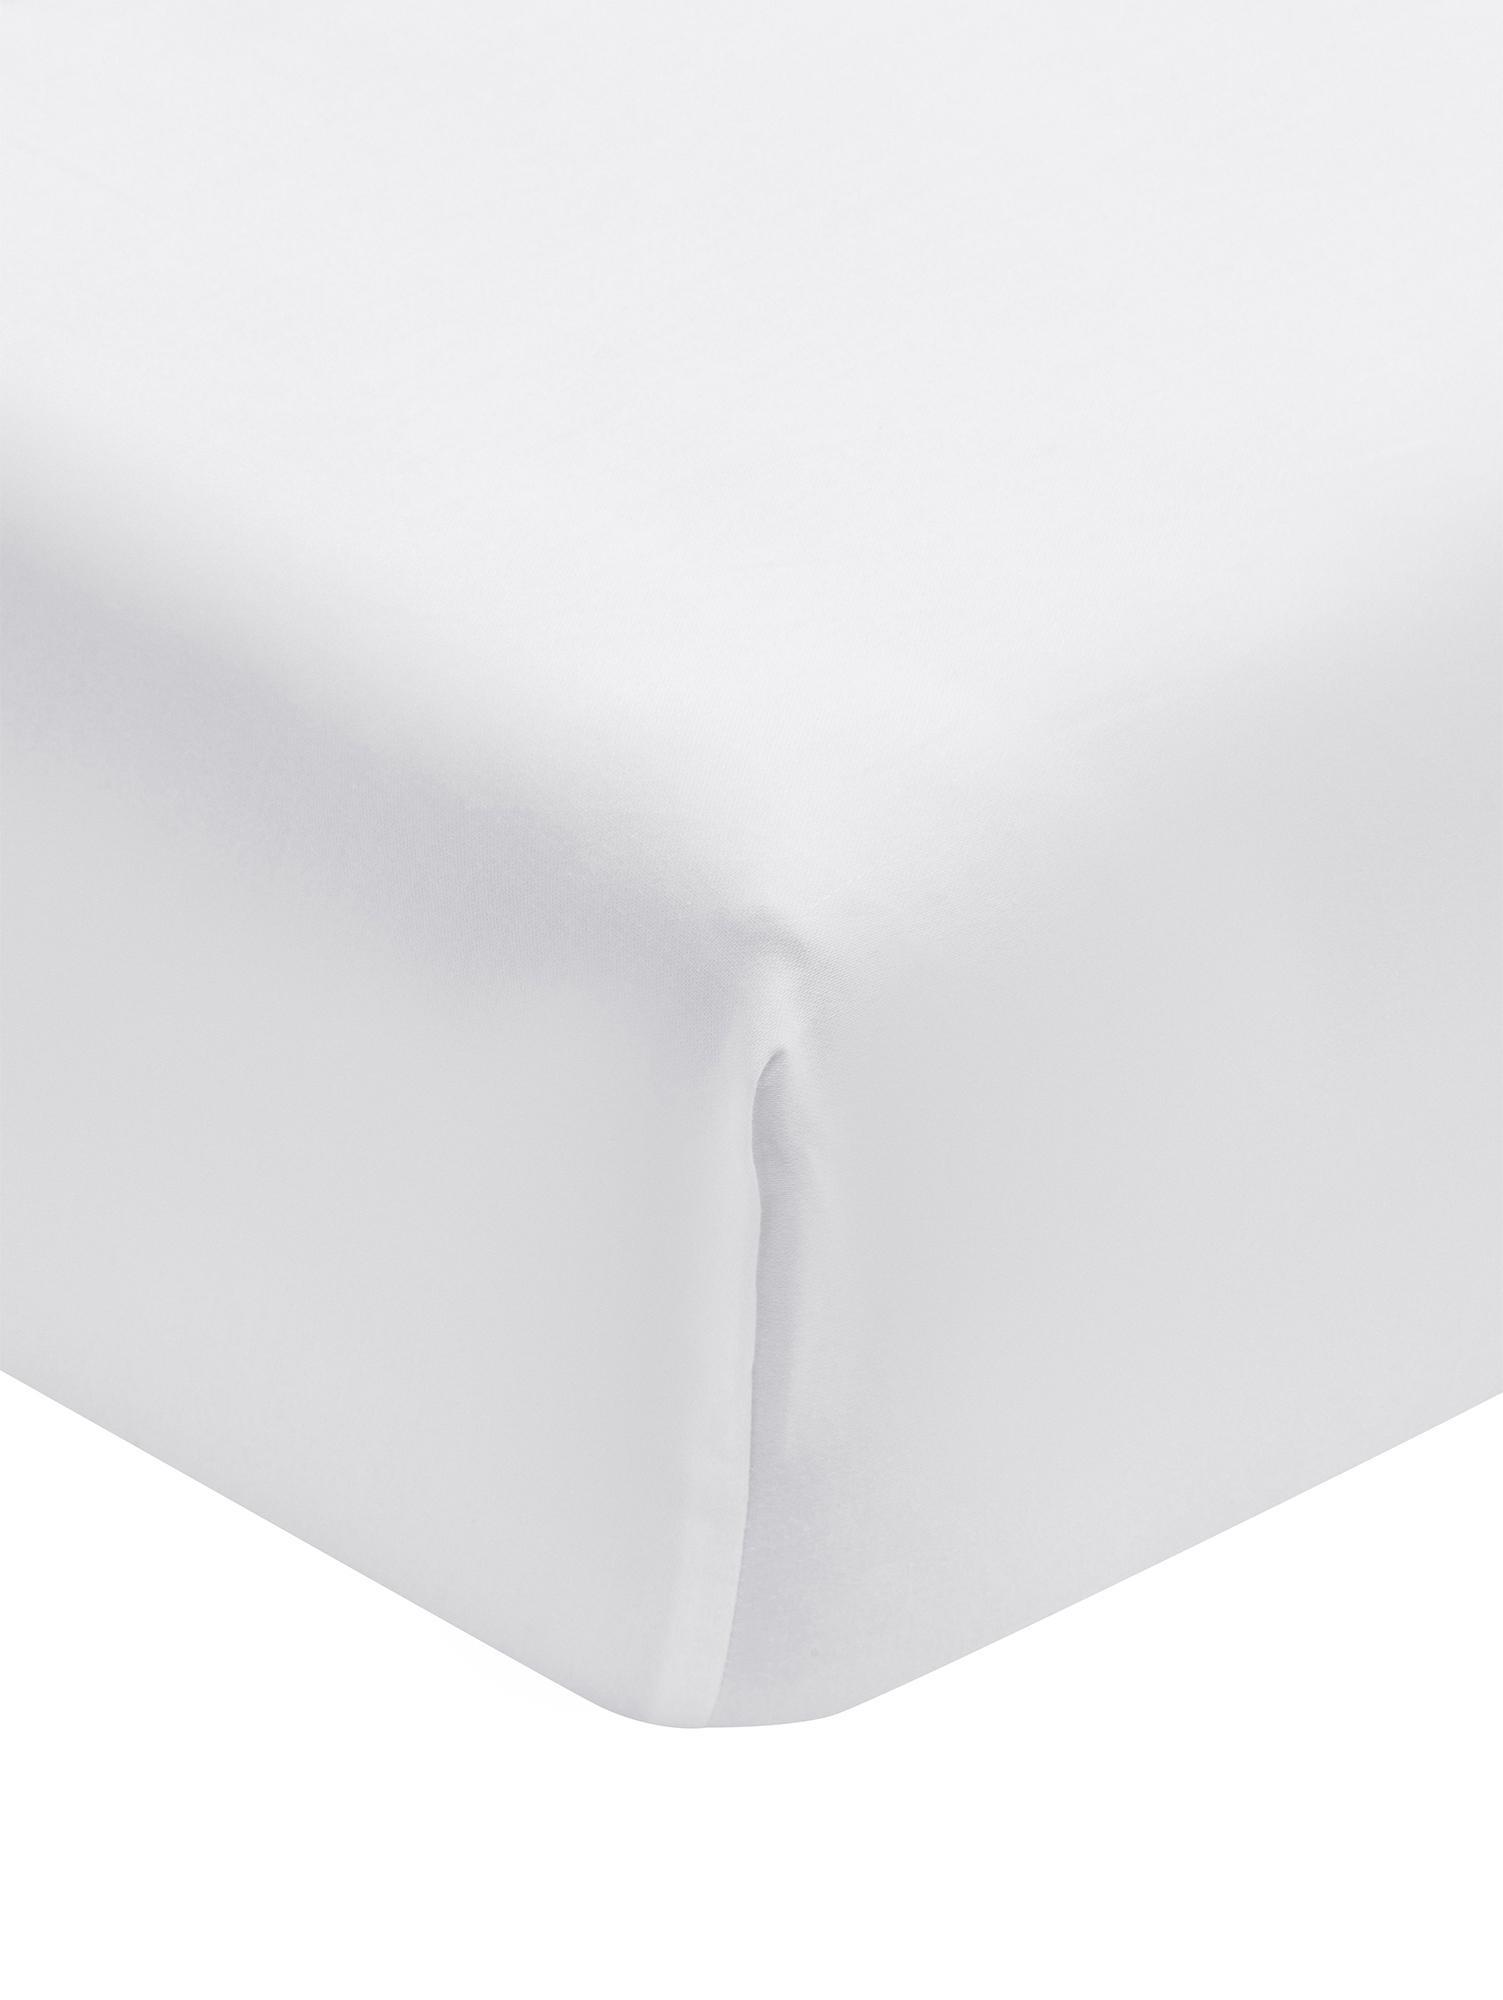 Sábana bajera de satén Premium, Blanco, Cama 90 cm (90 x 200 cm)